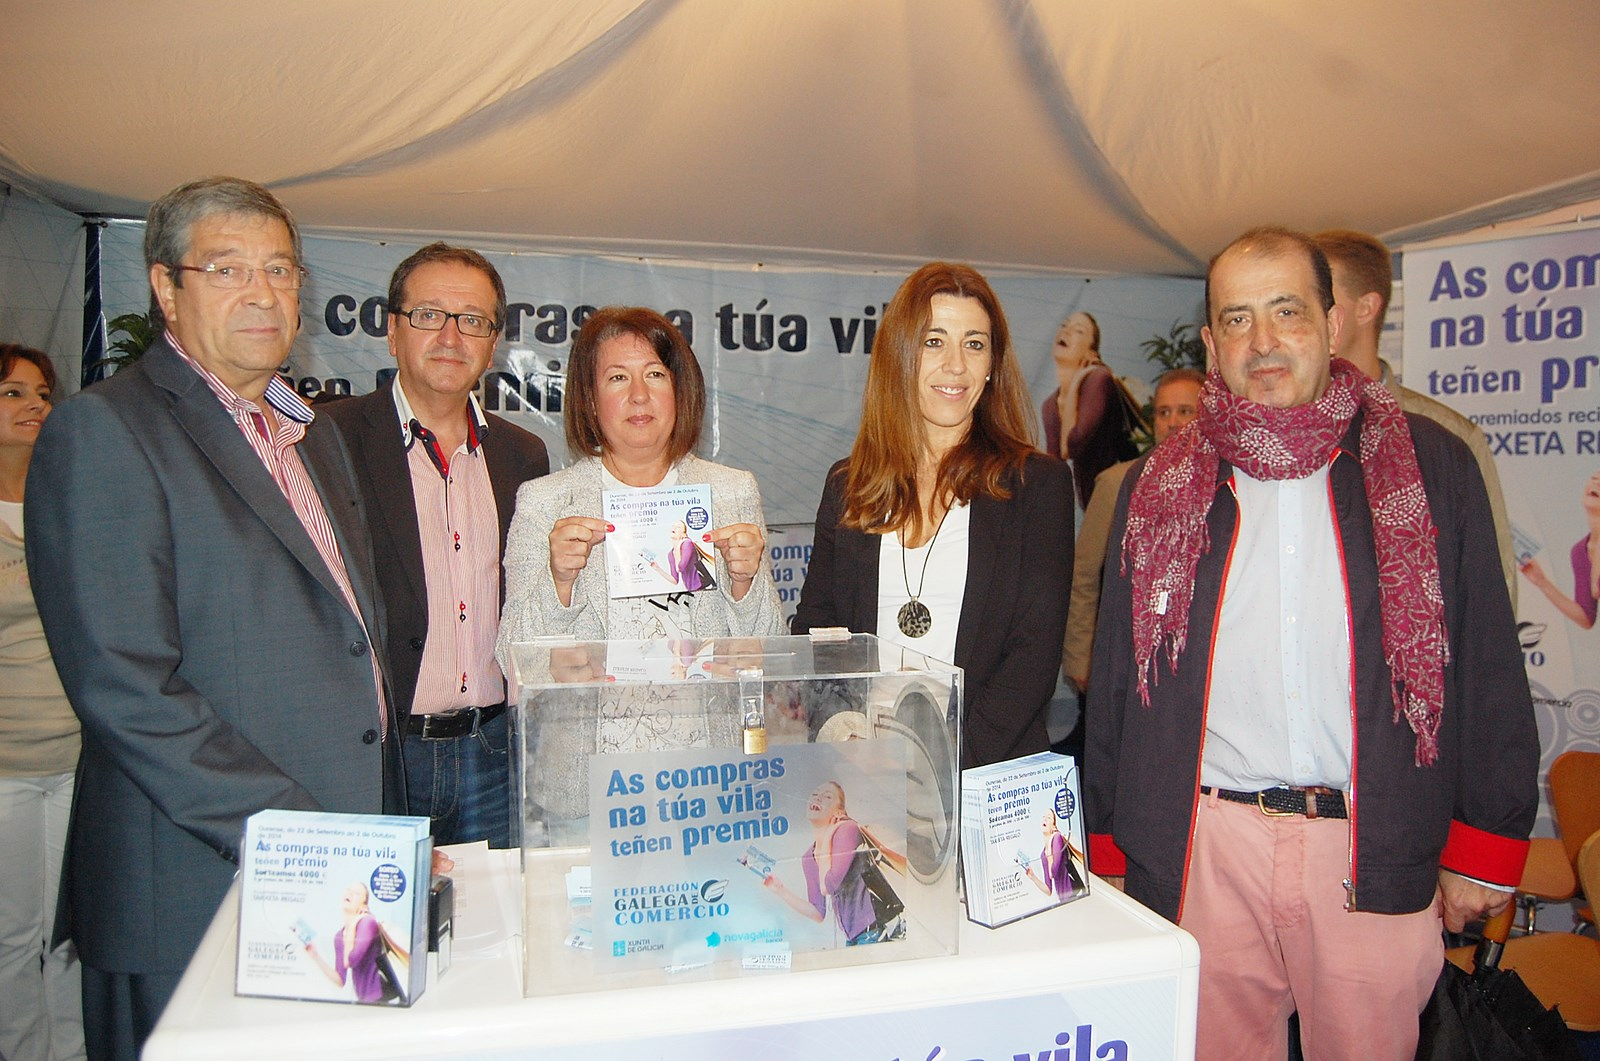 A directora xeral de Comercio, Sol Vázquez Abeal, participou na presentación desta campaña posta en marcha pola Federación Galega de Comercio coa colaboración da Consellería de Economía e Industria. Foto: Xunta